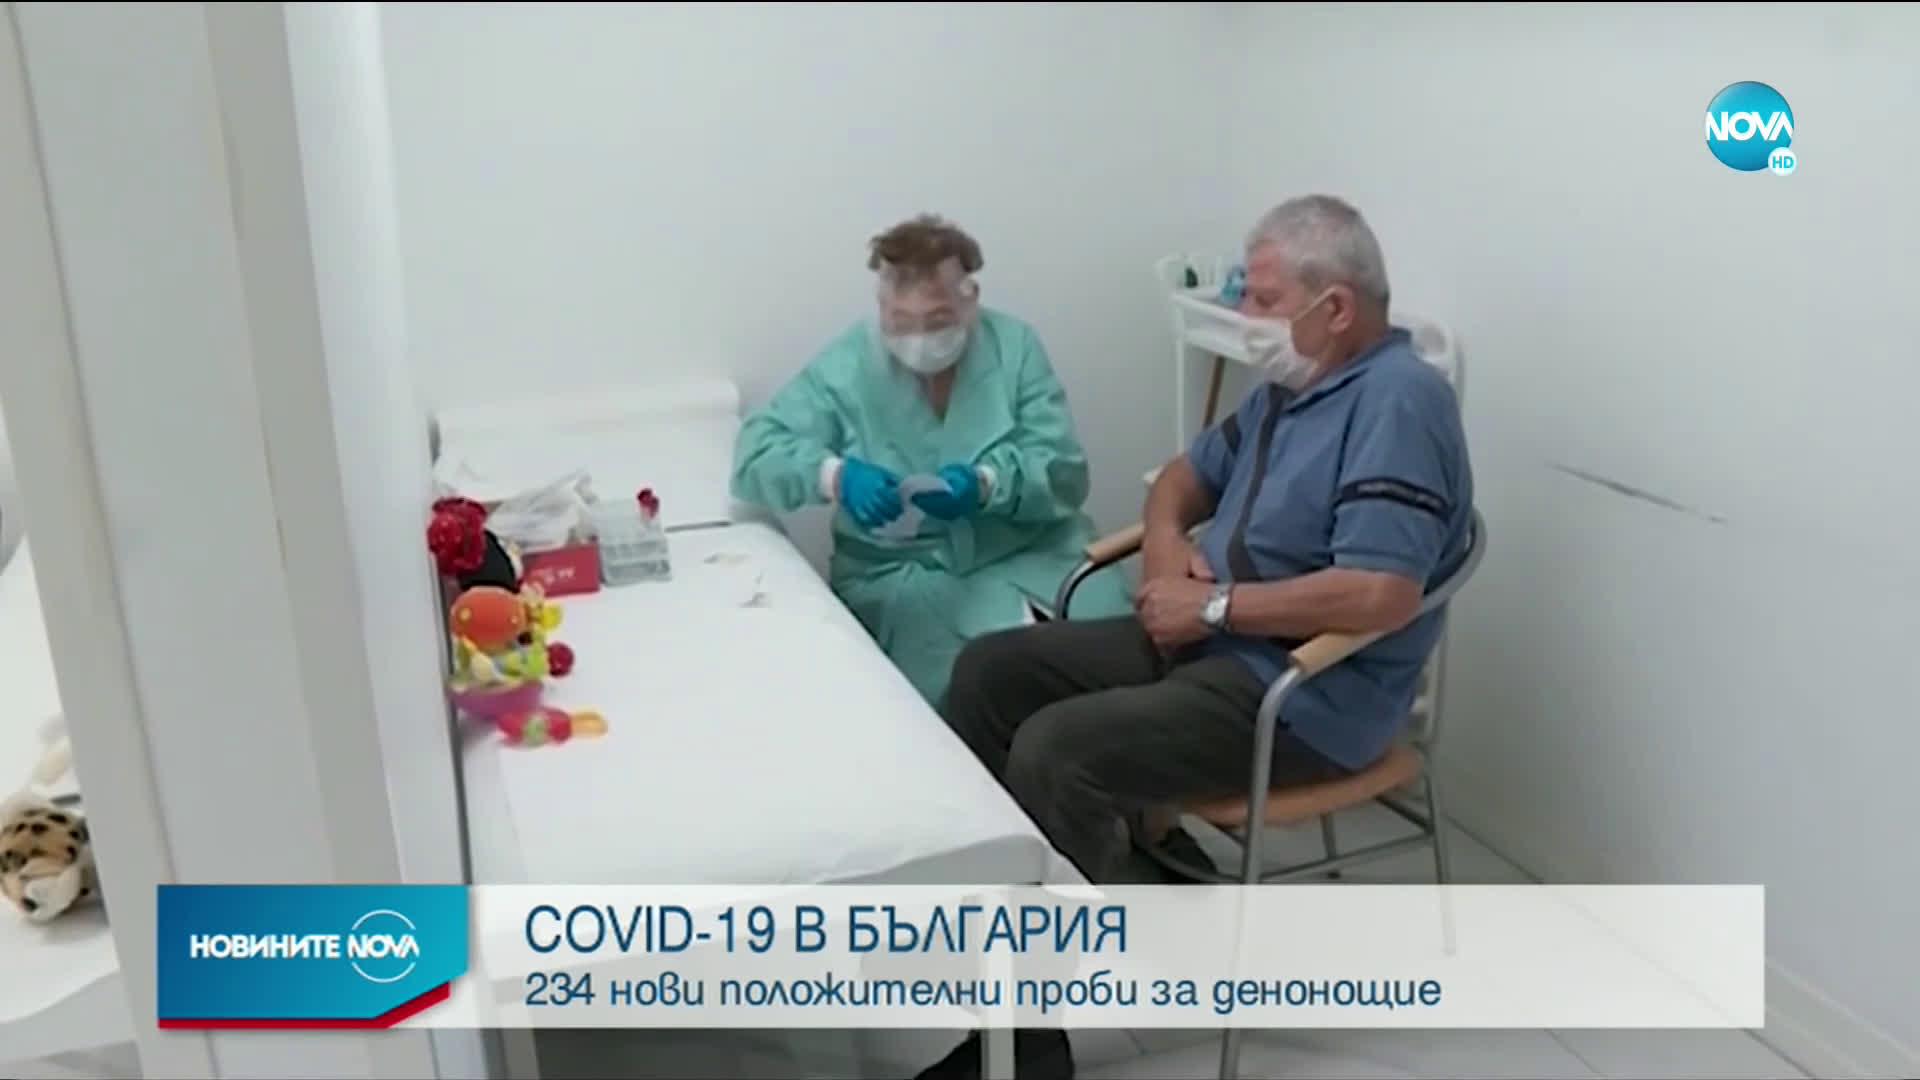 234 с коронавирус за денонощие у нас, 7 са починалите